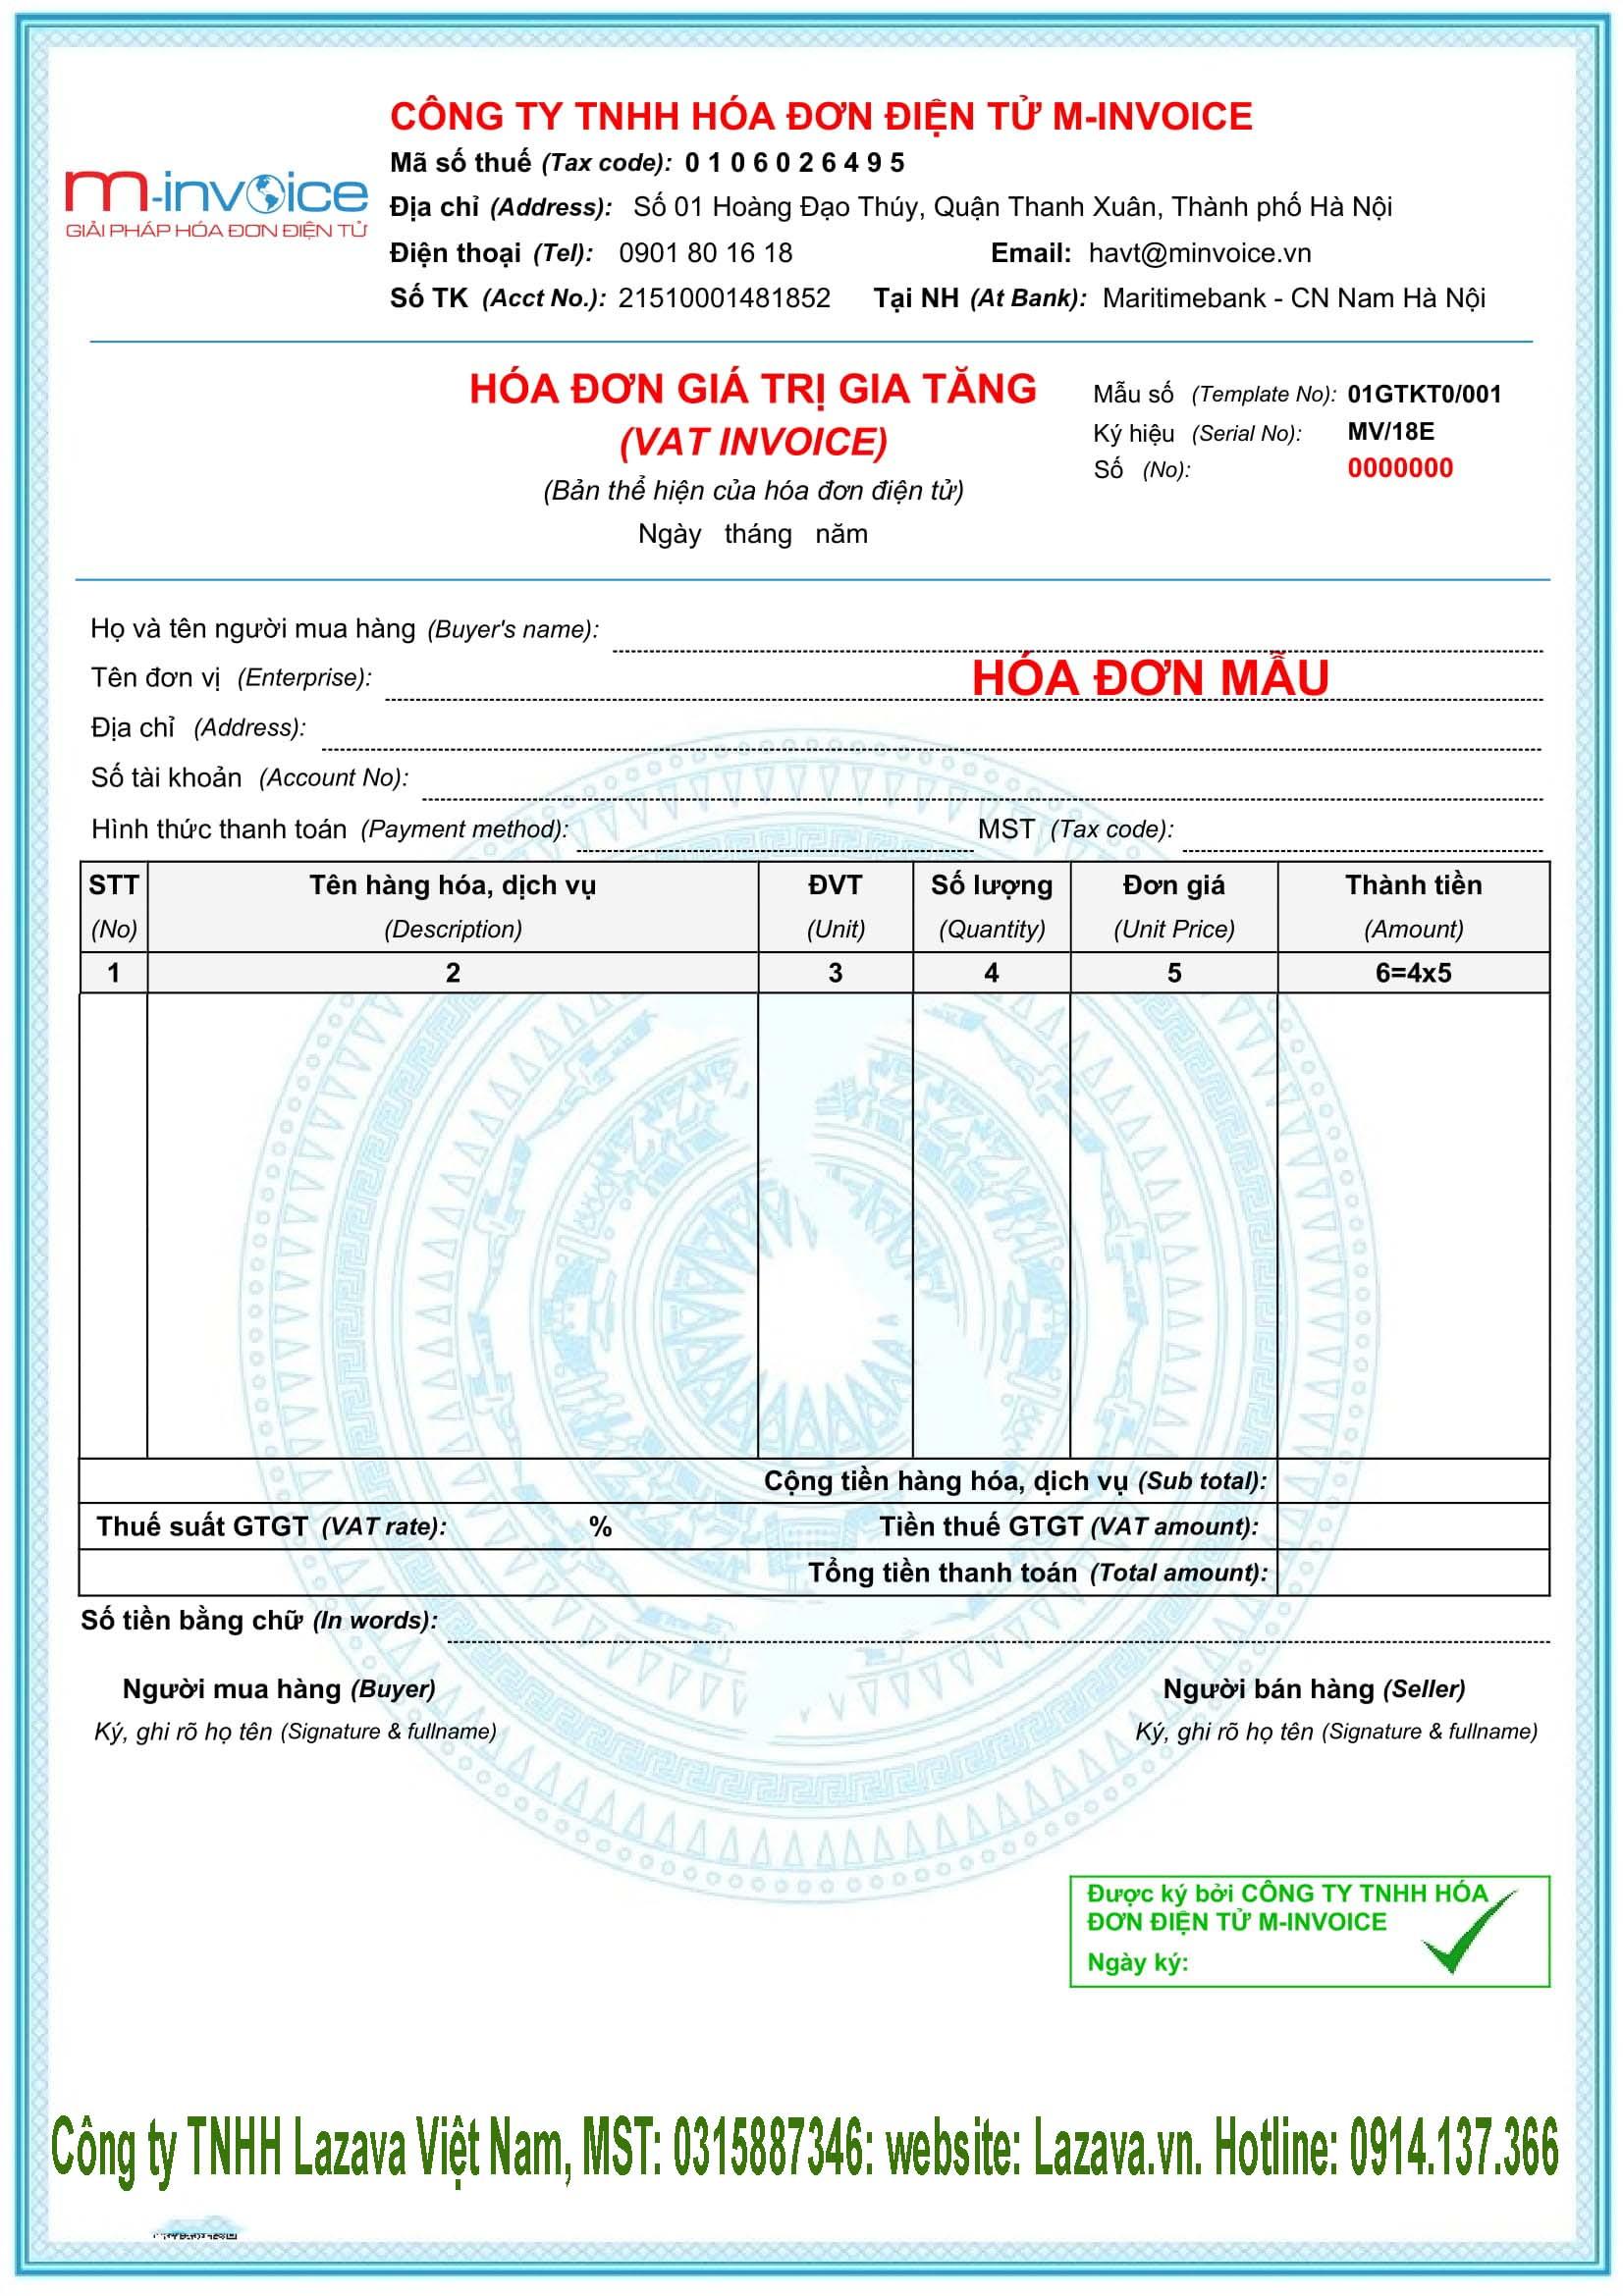 Xem mẫu hóa đơn điện tử